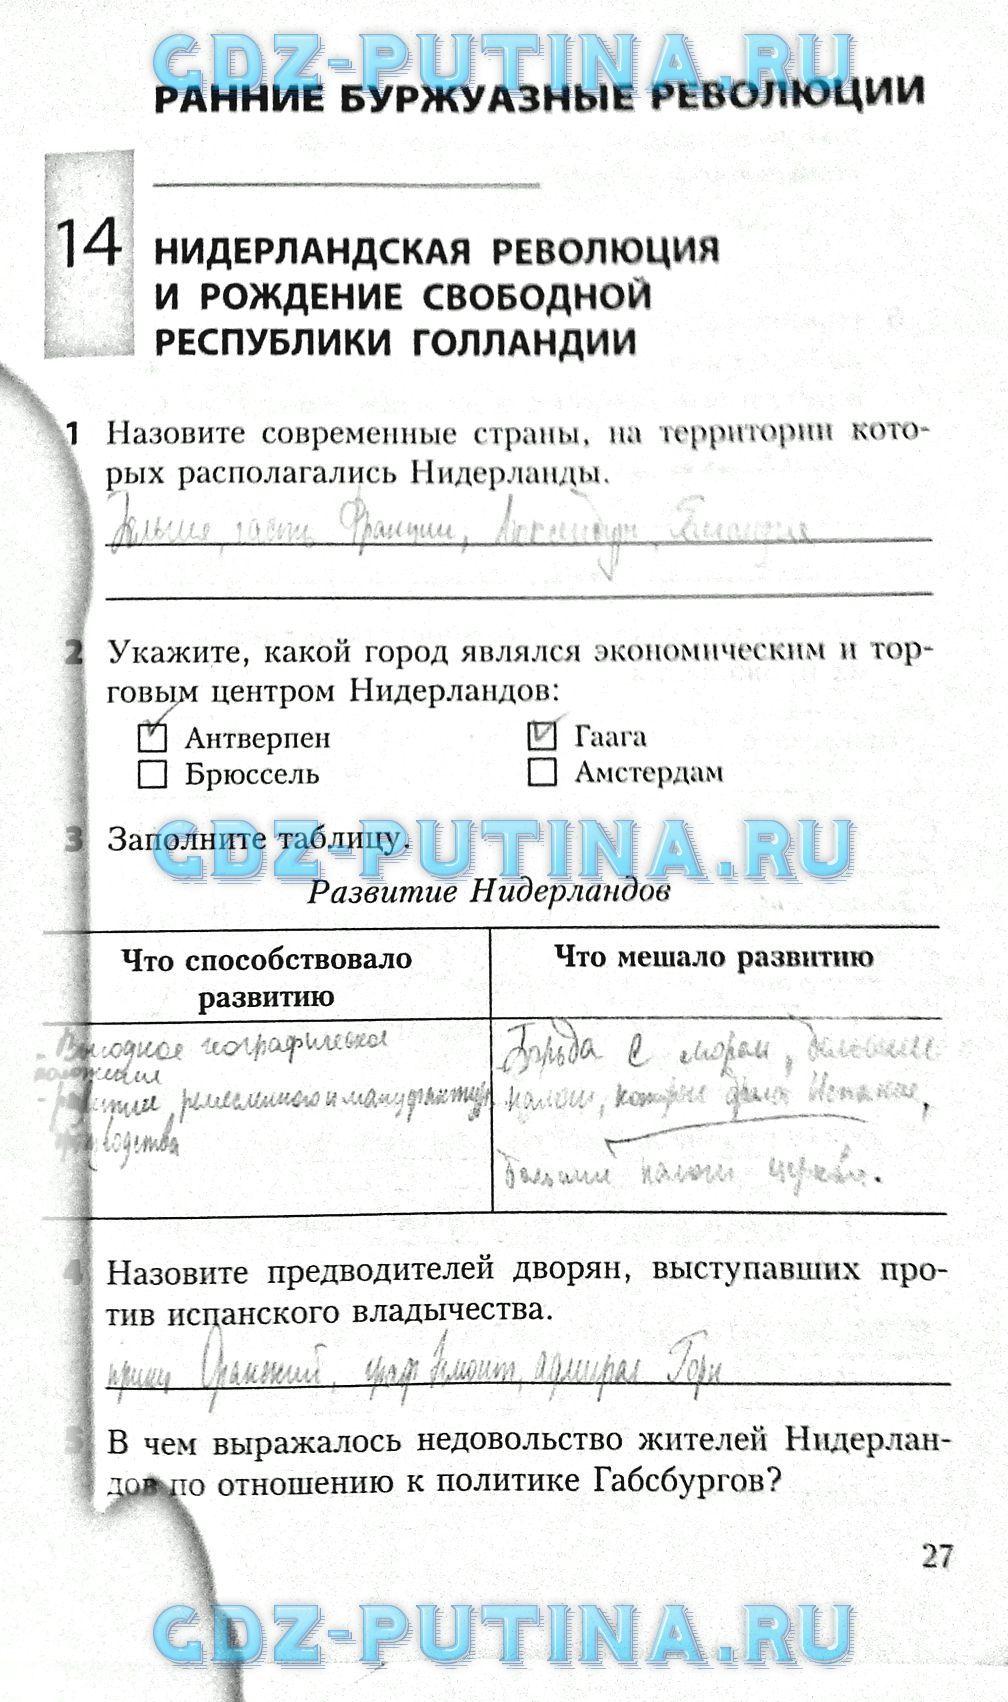 Скачать бесплатно гармония русский язык 3 класс тетрадь с готовыми ответами